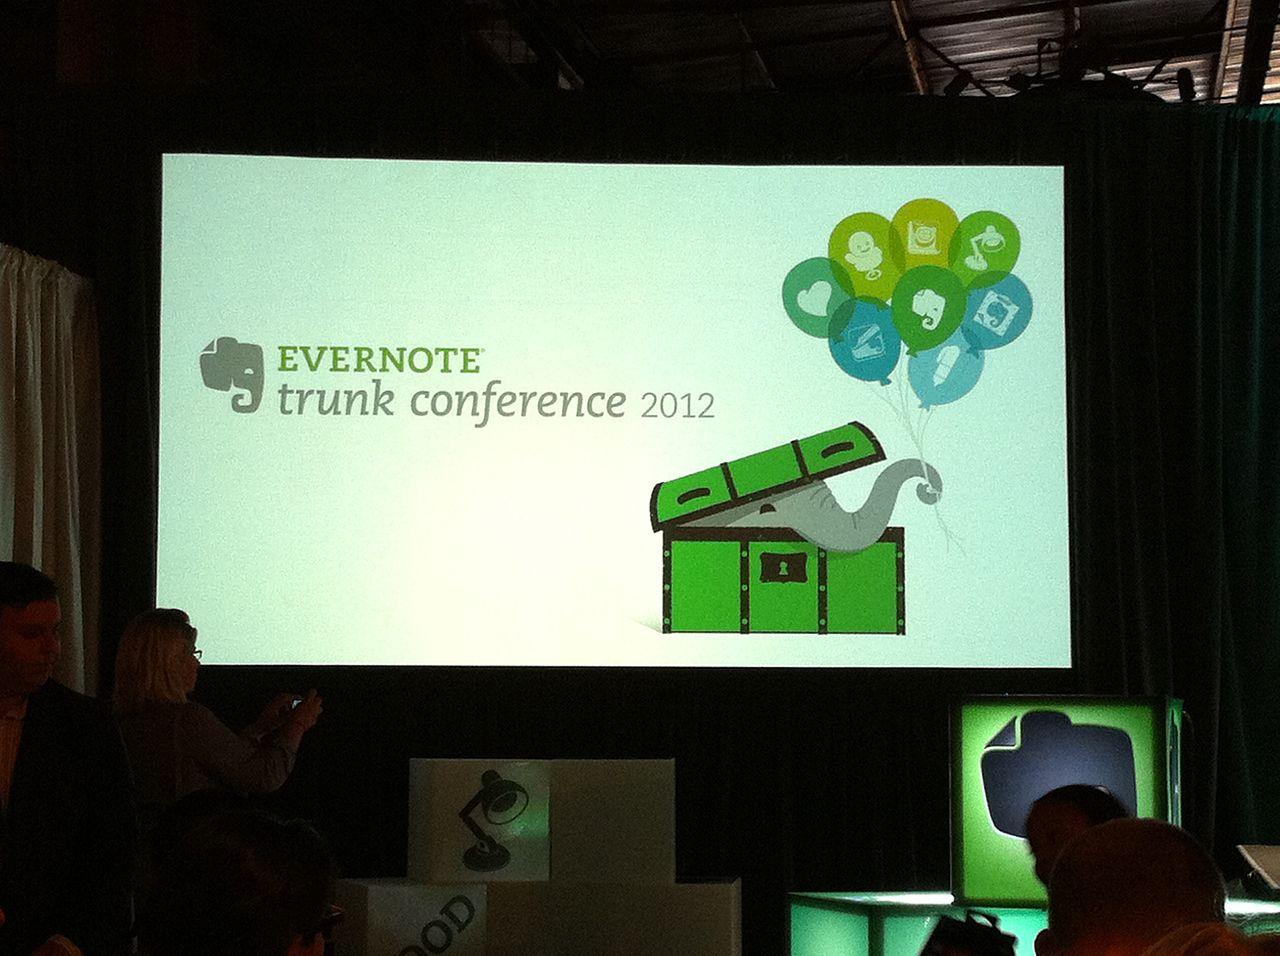 Para qué se usa Evernote